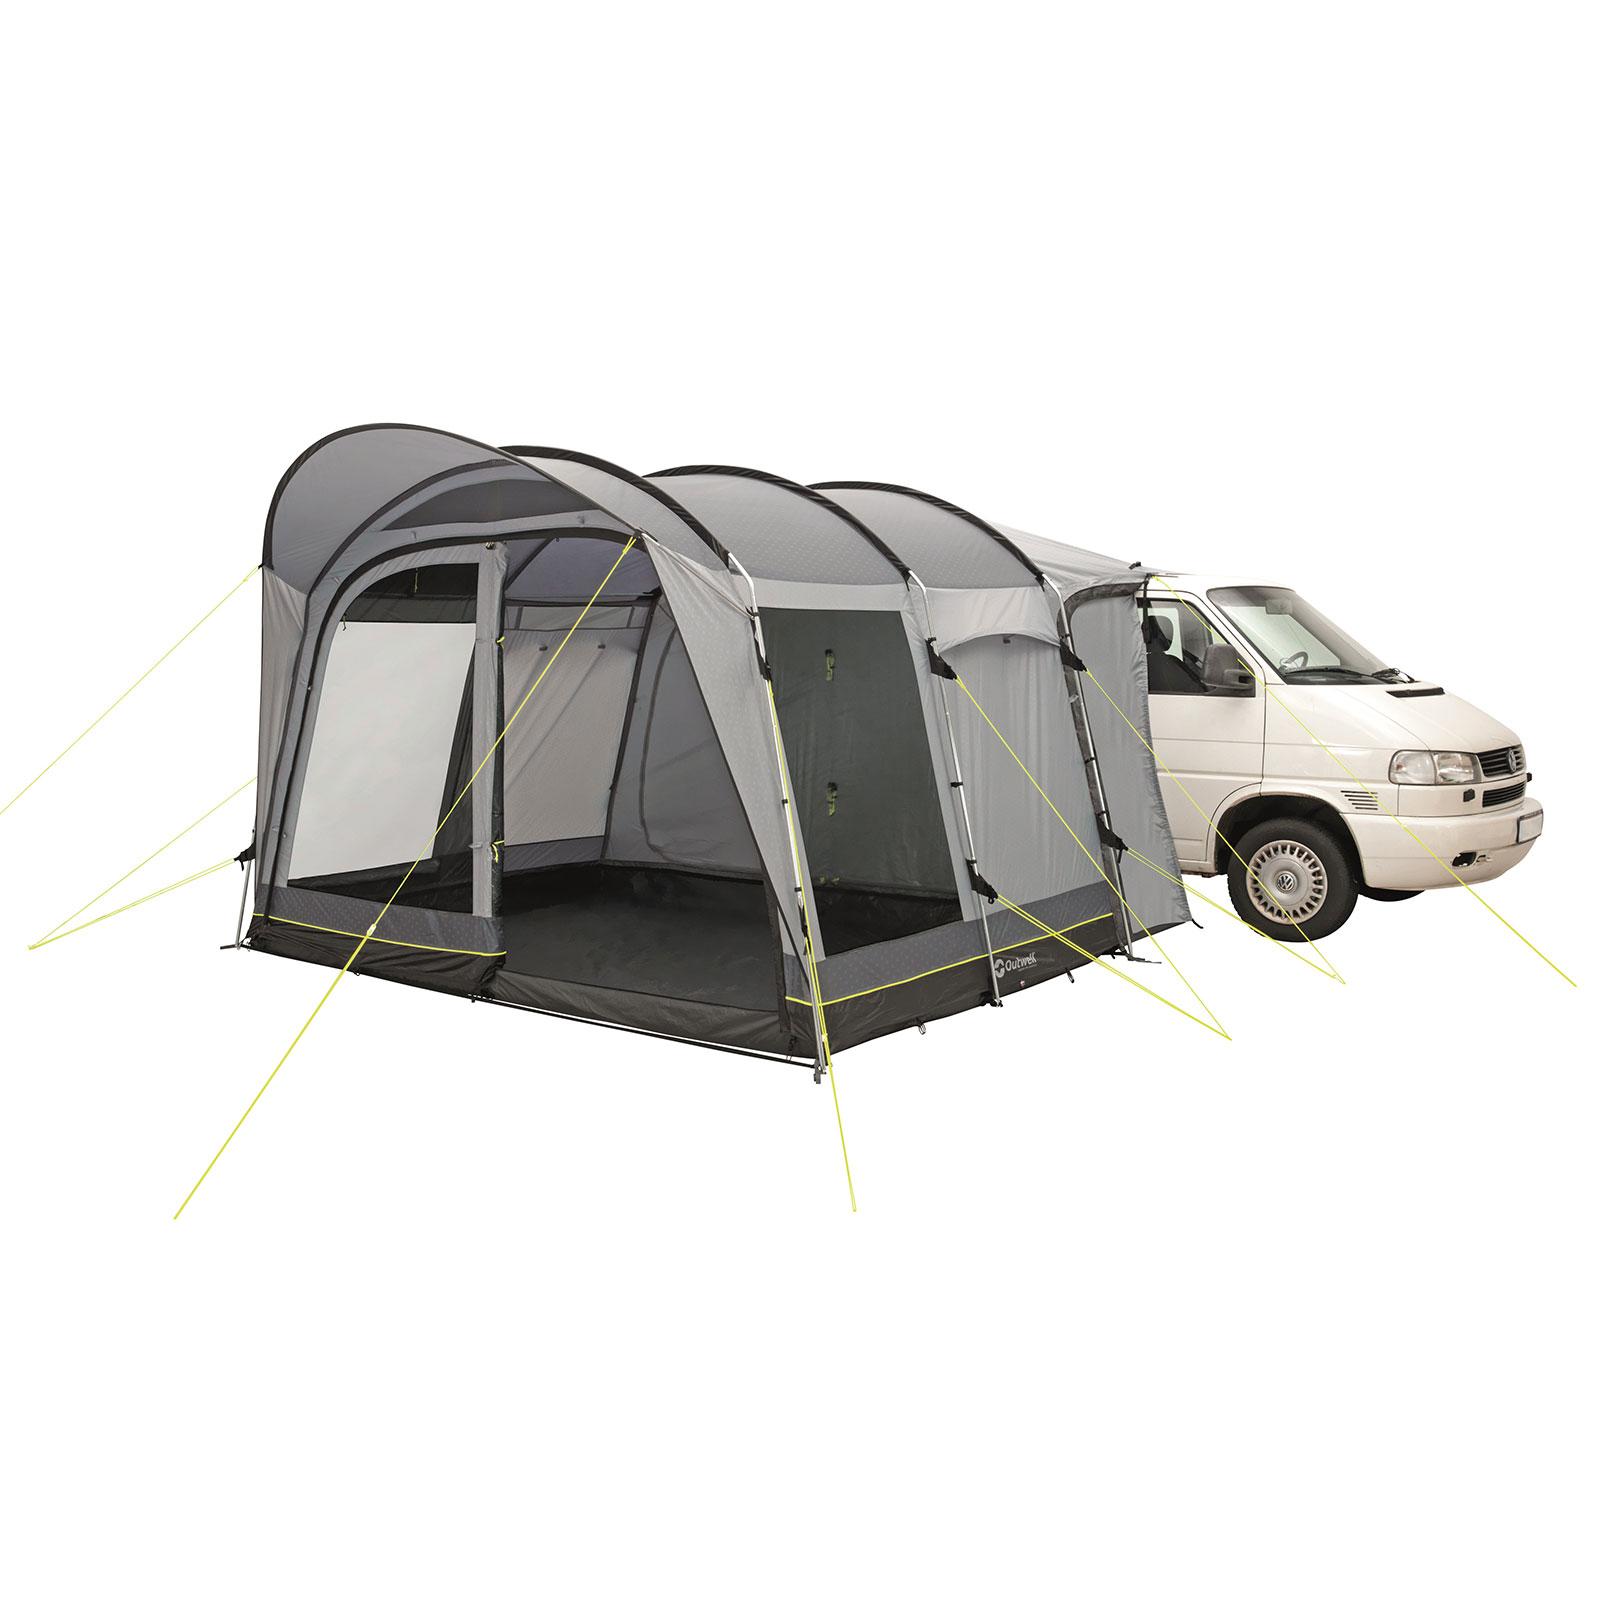 vw bus zelt ebay 2017 2018 2019 volkswagen reviews. Black Bedroom Furniture Sets. Home Design Ideas